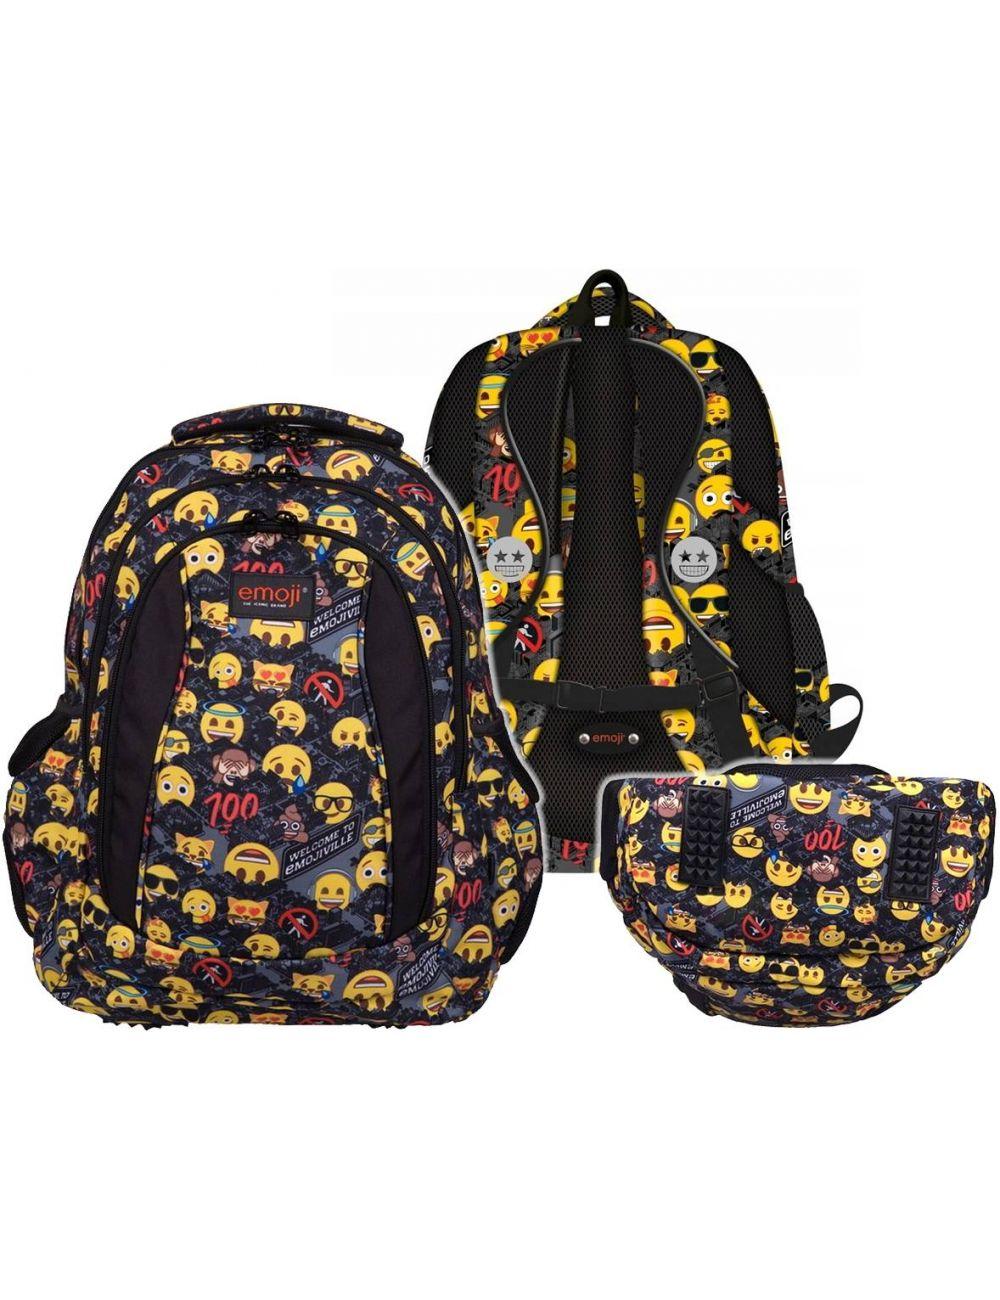 St.Right plecak szkolny Emoji Yellow 4 komory